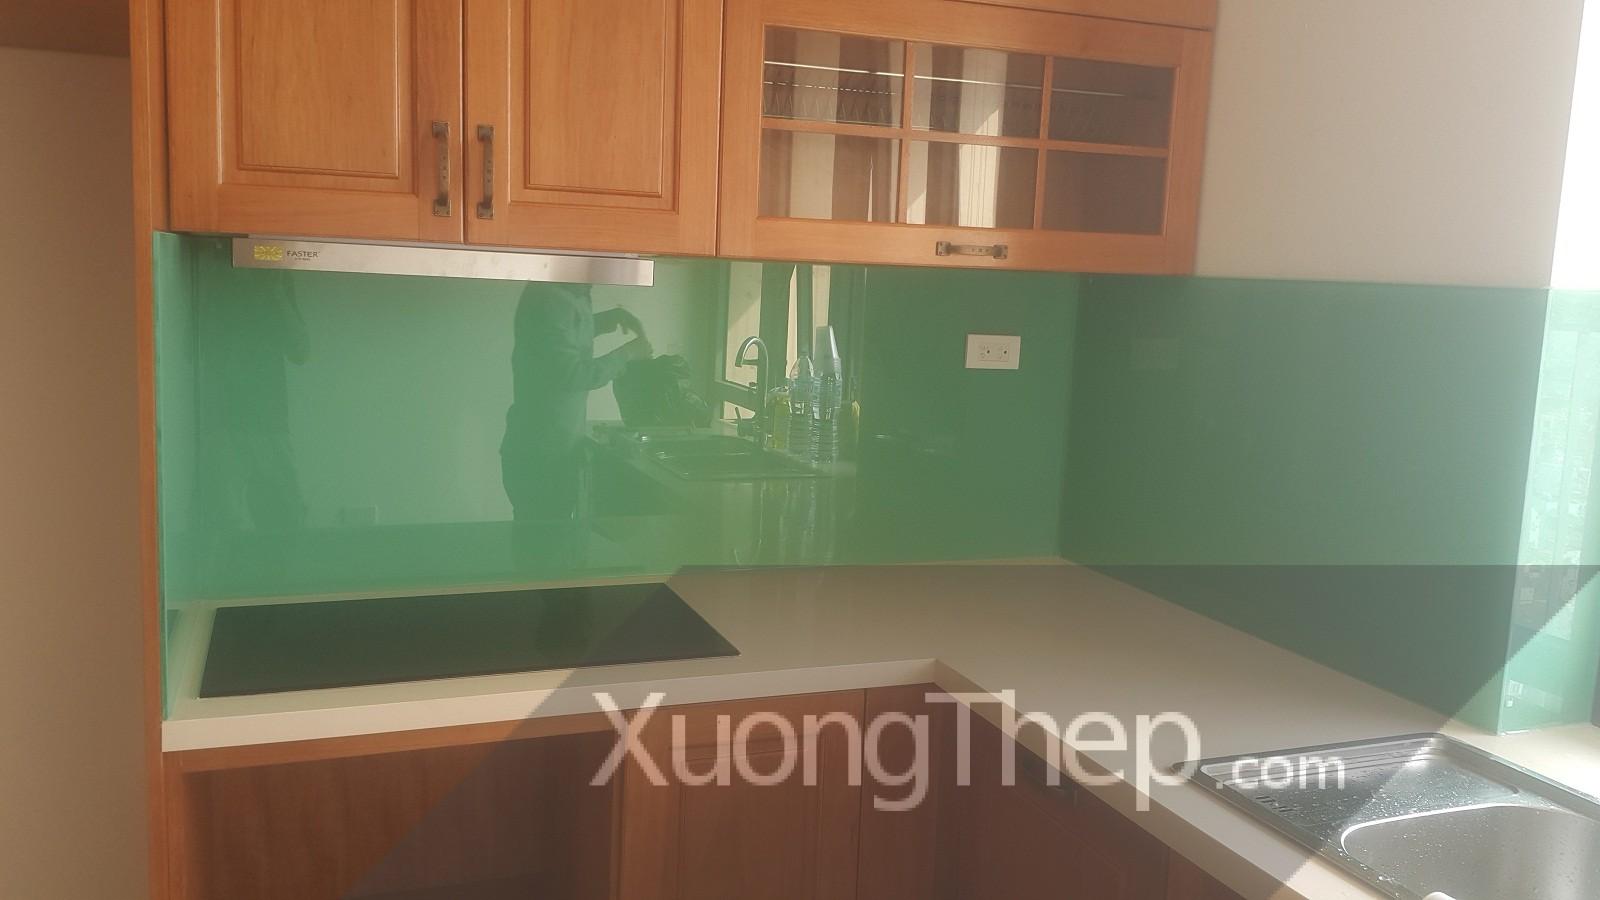 thi công kính cường lực sơn màu xanh ngọc cho nhà bếp.